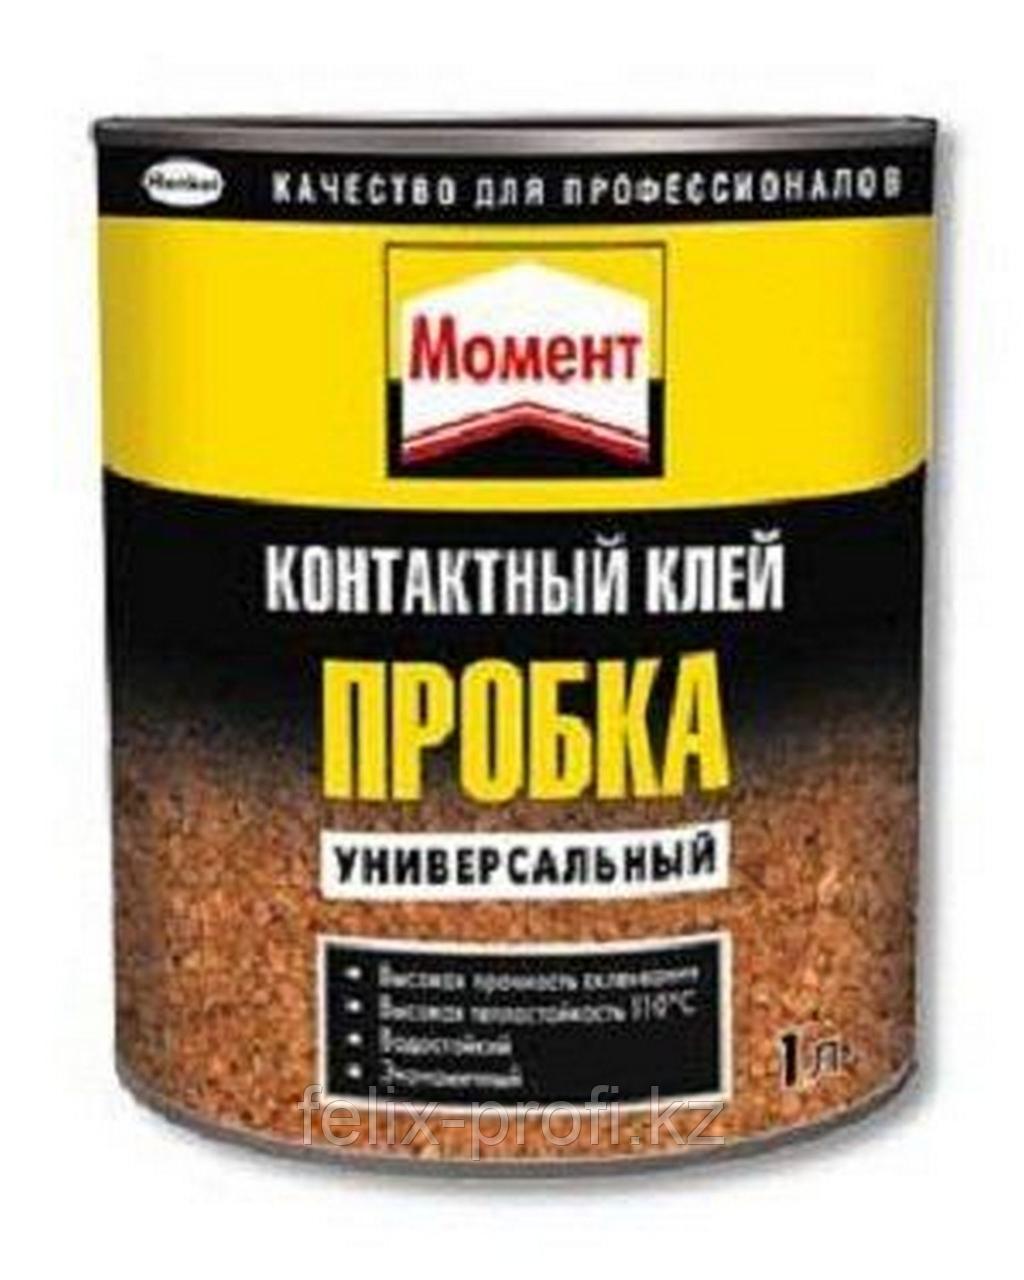 МОМЕНТ Пробка Специальный контактный клей для дерева, 1 л (под заказ), банка